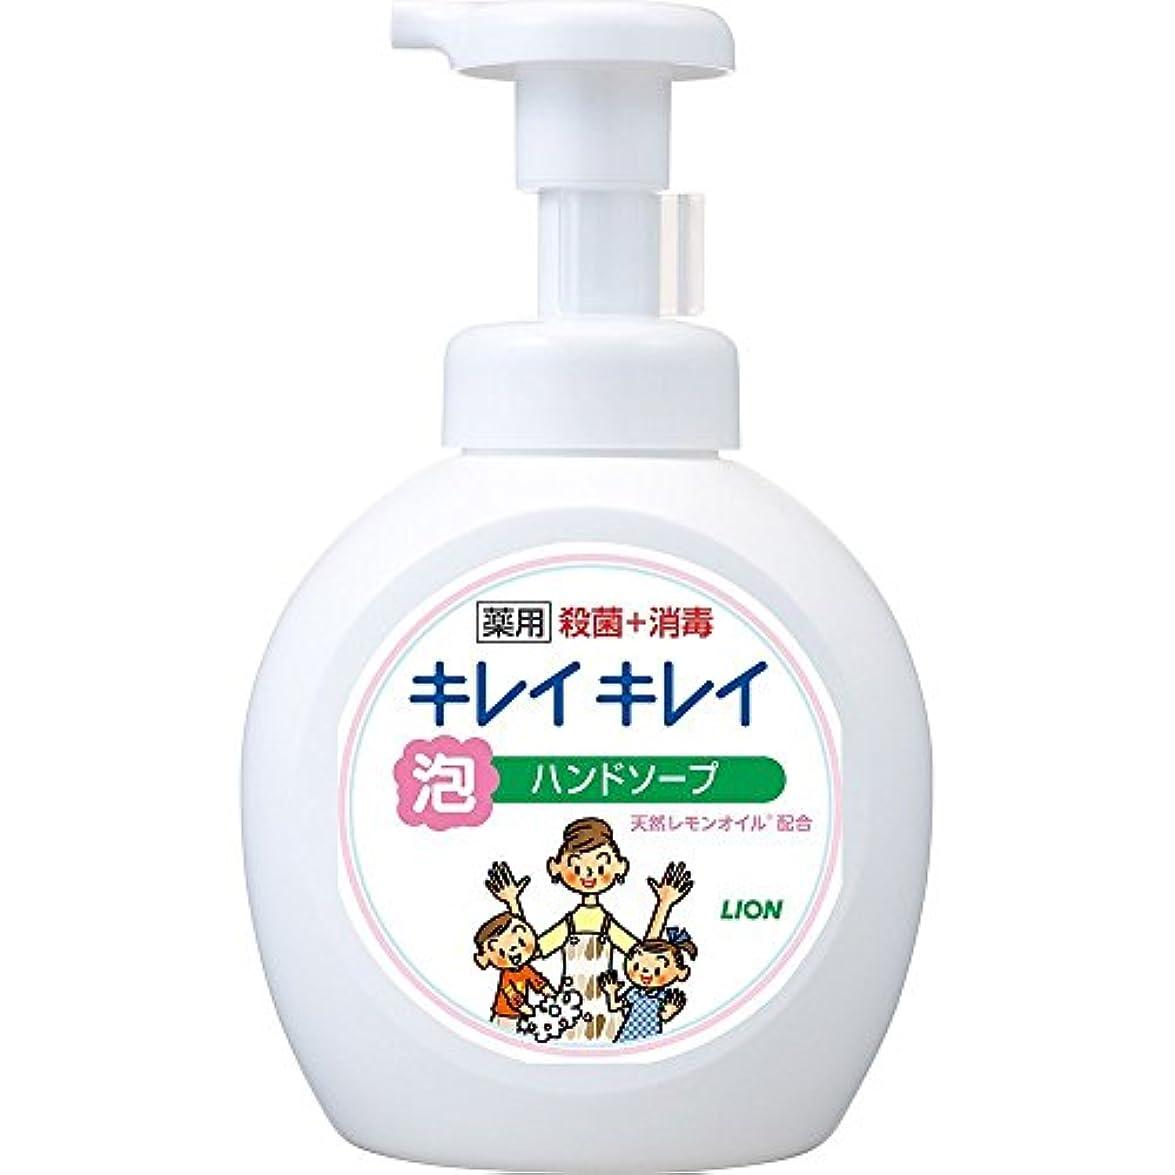 出発説得バッジキレイキレイ 薬用 泡ハンドソープ シトラスフルーティの香り 本体ポンプ 大型サイズ 500ml(医薬部外品)